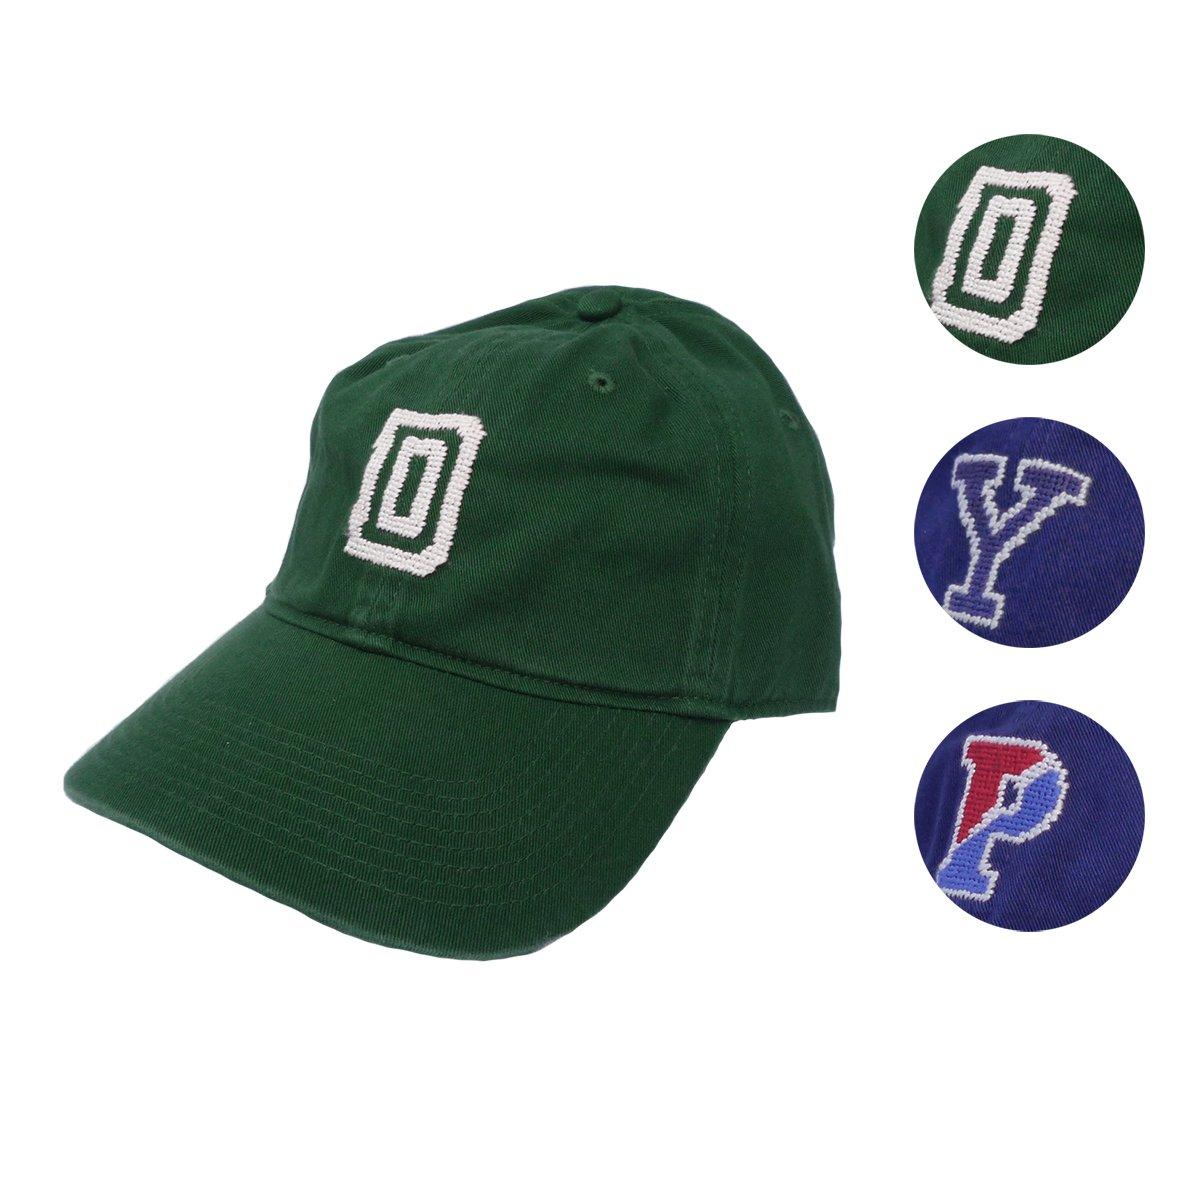 画像1: Smathers&Branson スマザーズ&ブランソン IVY'S COLLEGE CAP 全3色 メンズ/レディース (1)